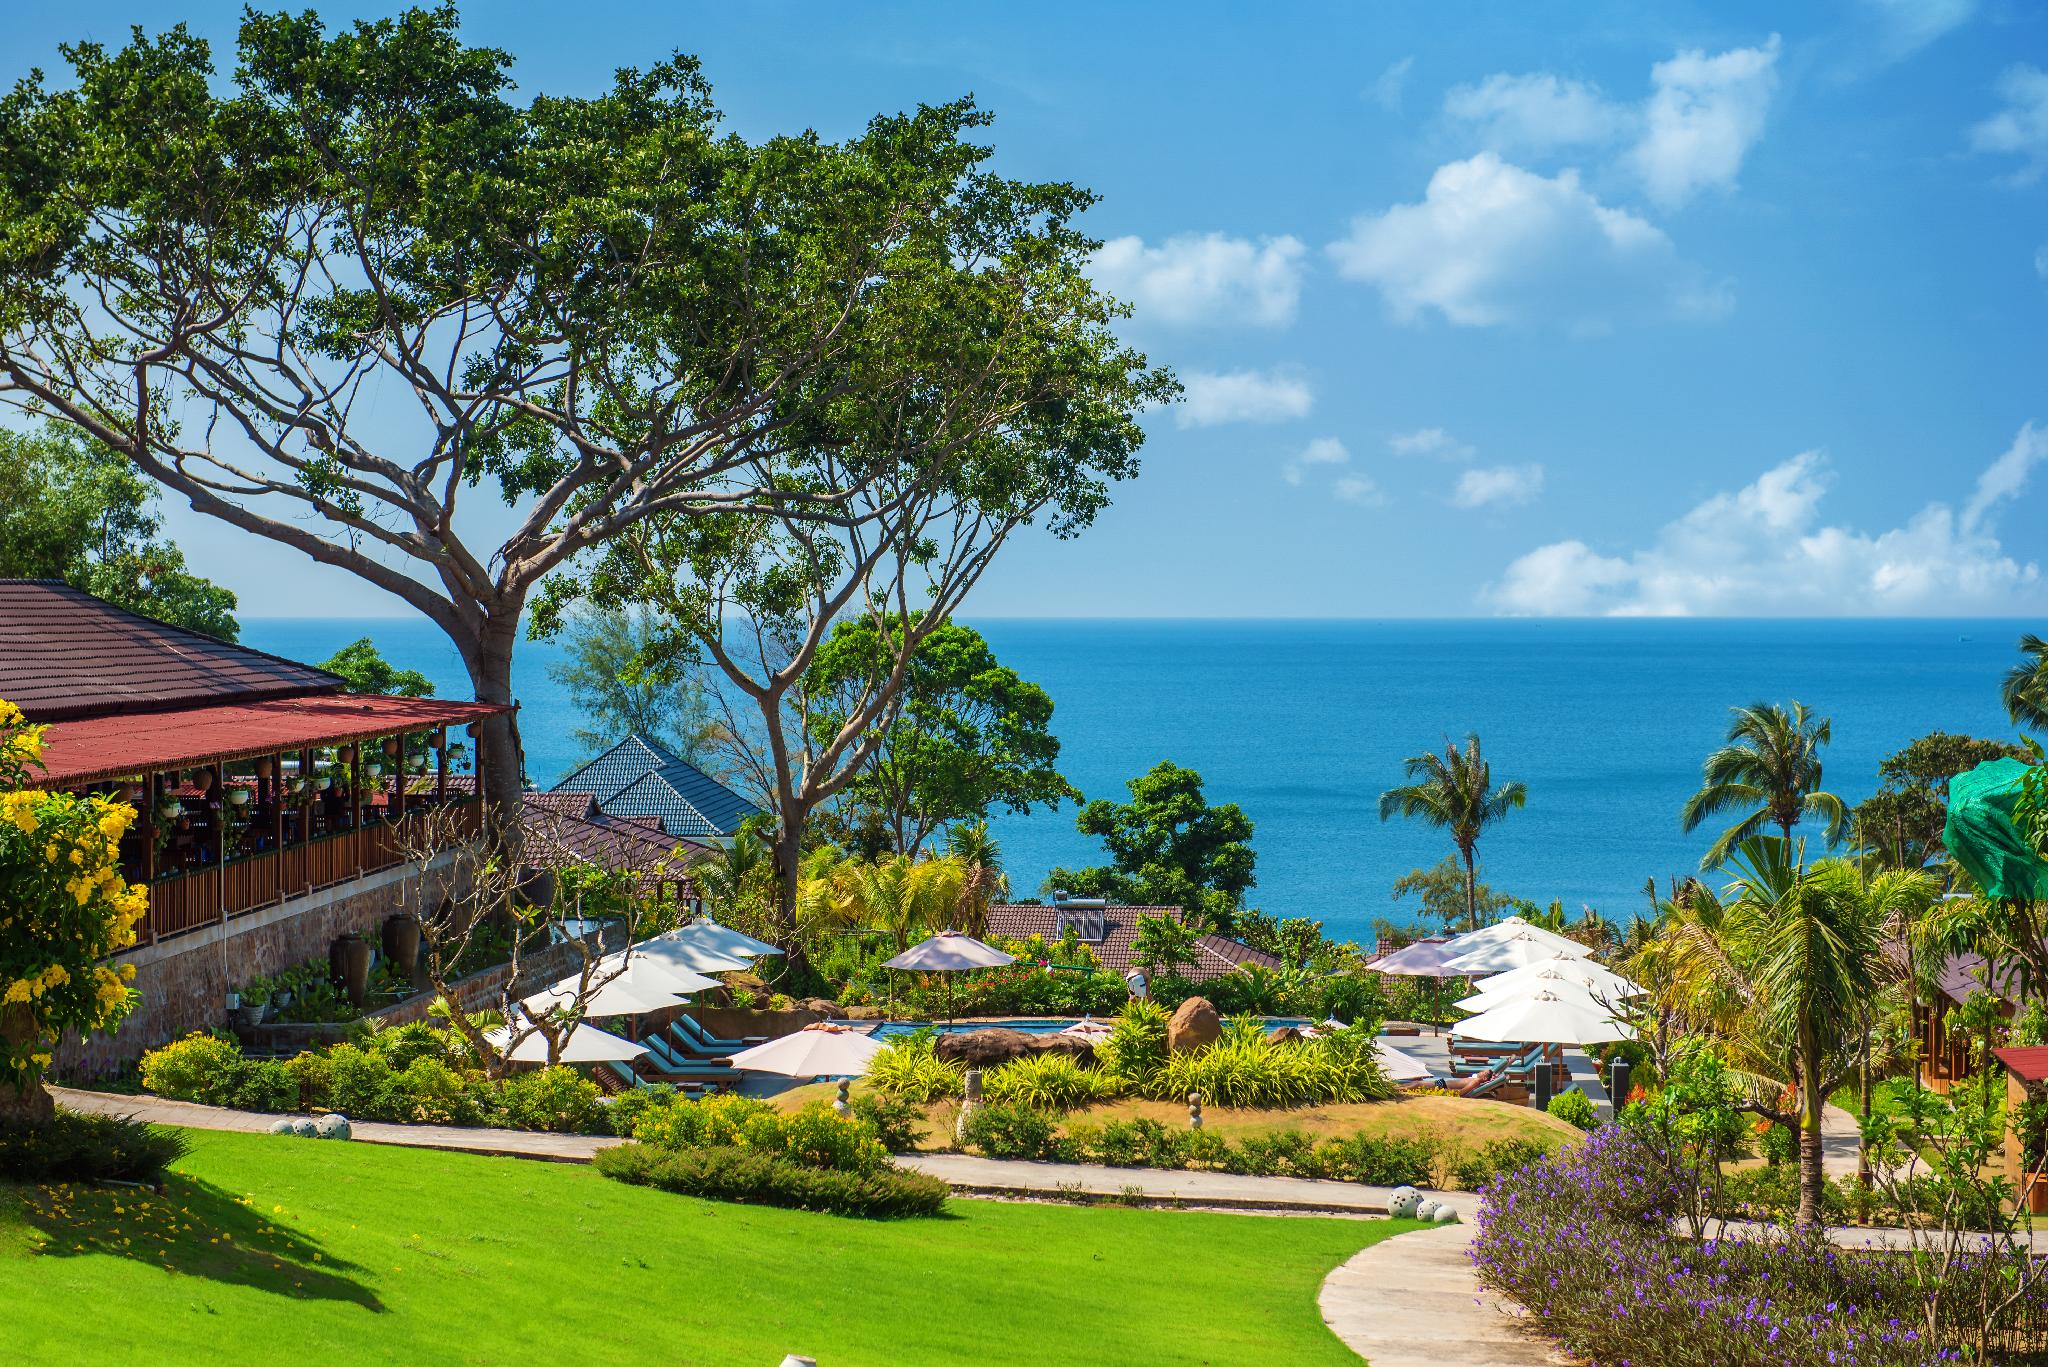 Khung cảnh nên thơ của Camia Resort